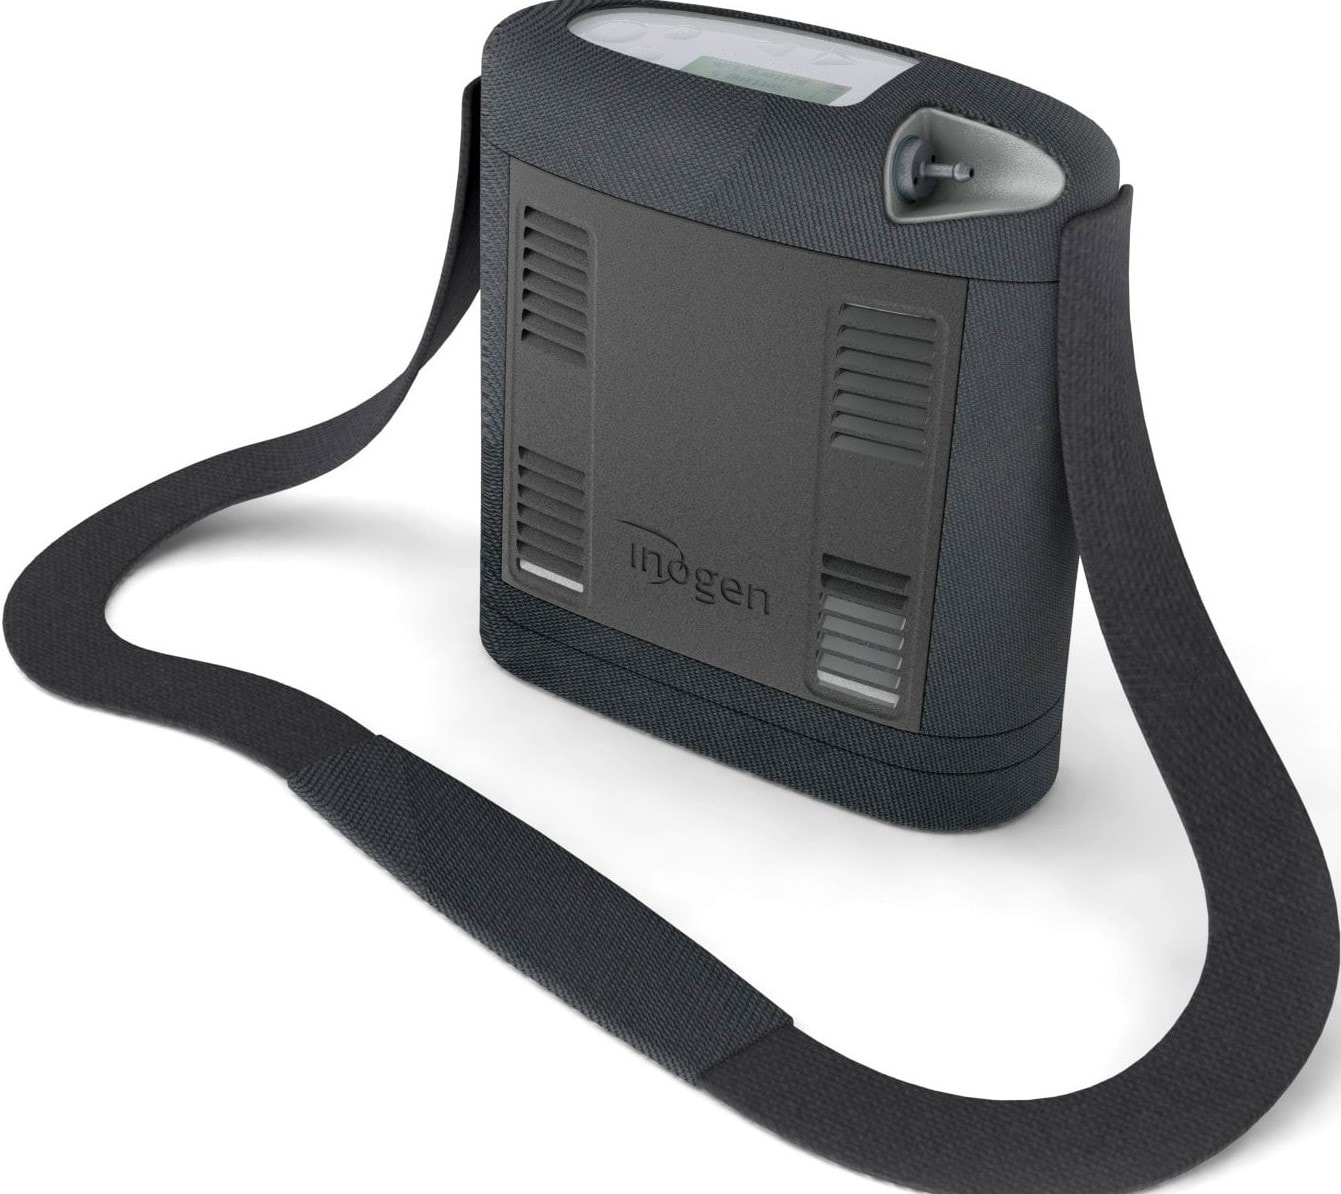 3355e0ede Inogen One G3 Lightweight Portable Oxygen Machine - Health Oxygen